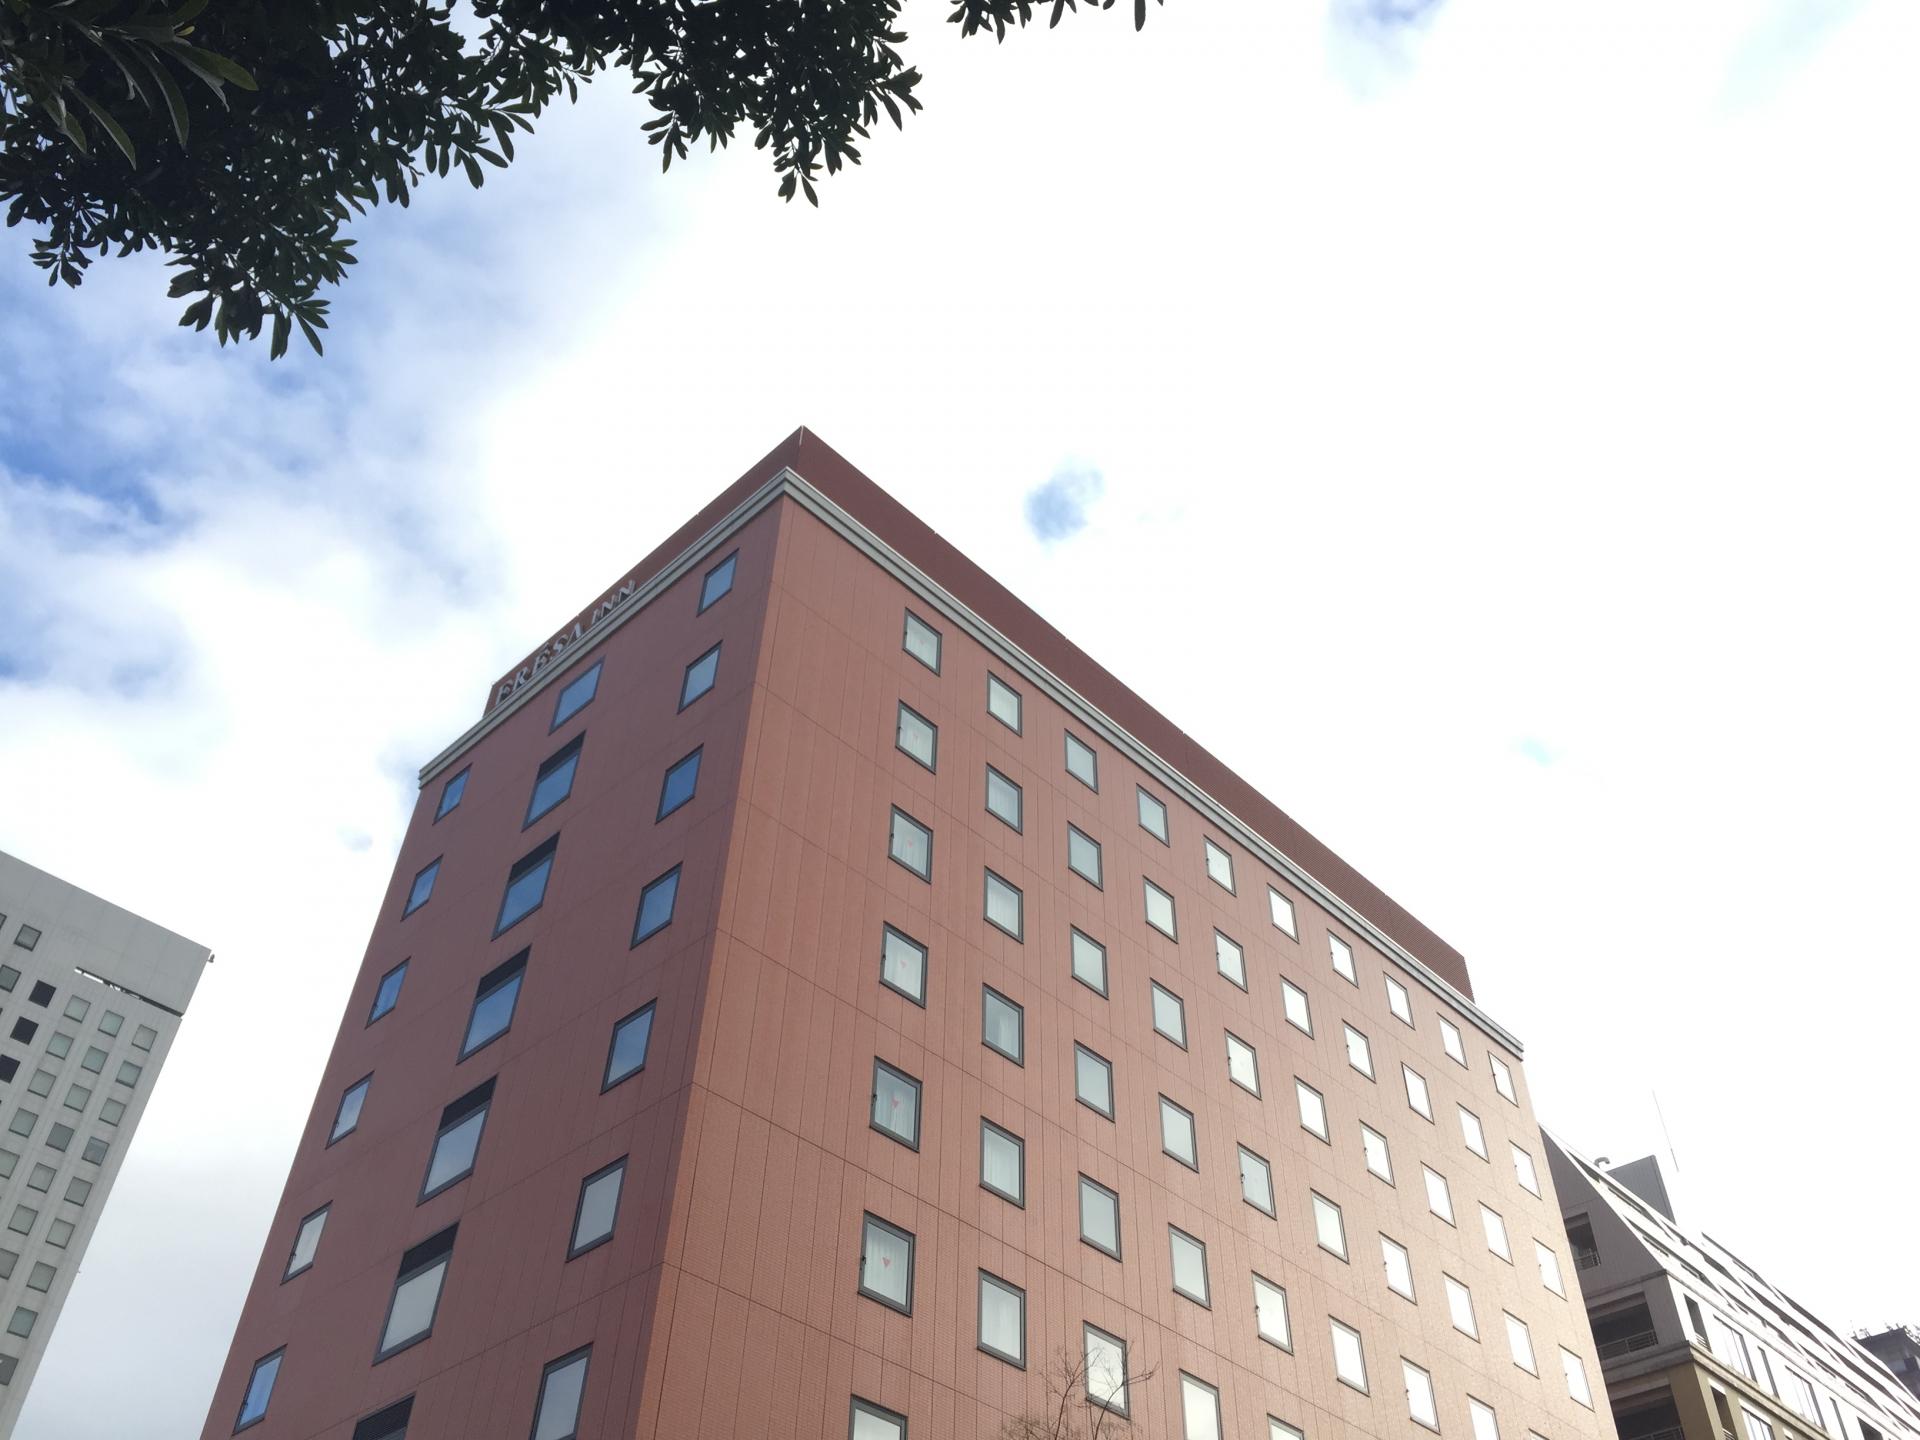 【JR長崎駅周辺】出張や観光に便利なビジネスホテル9選!